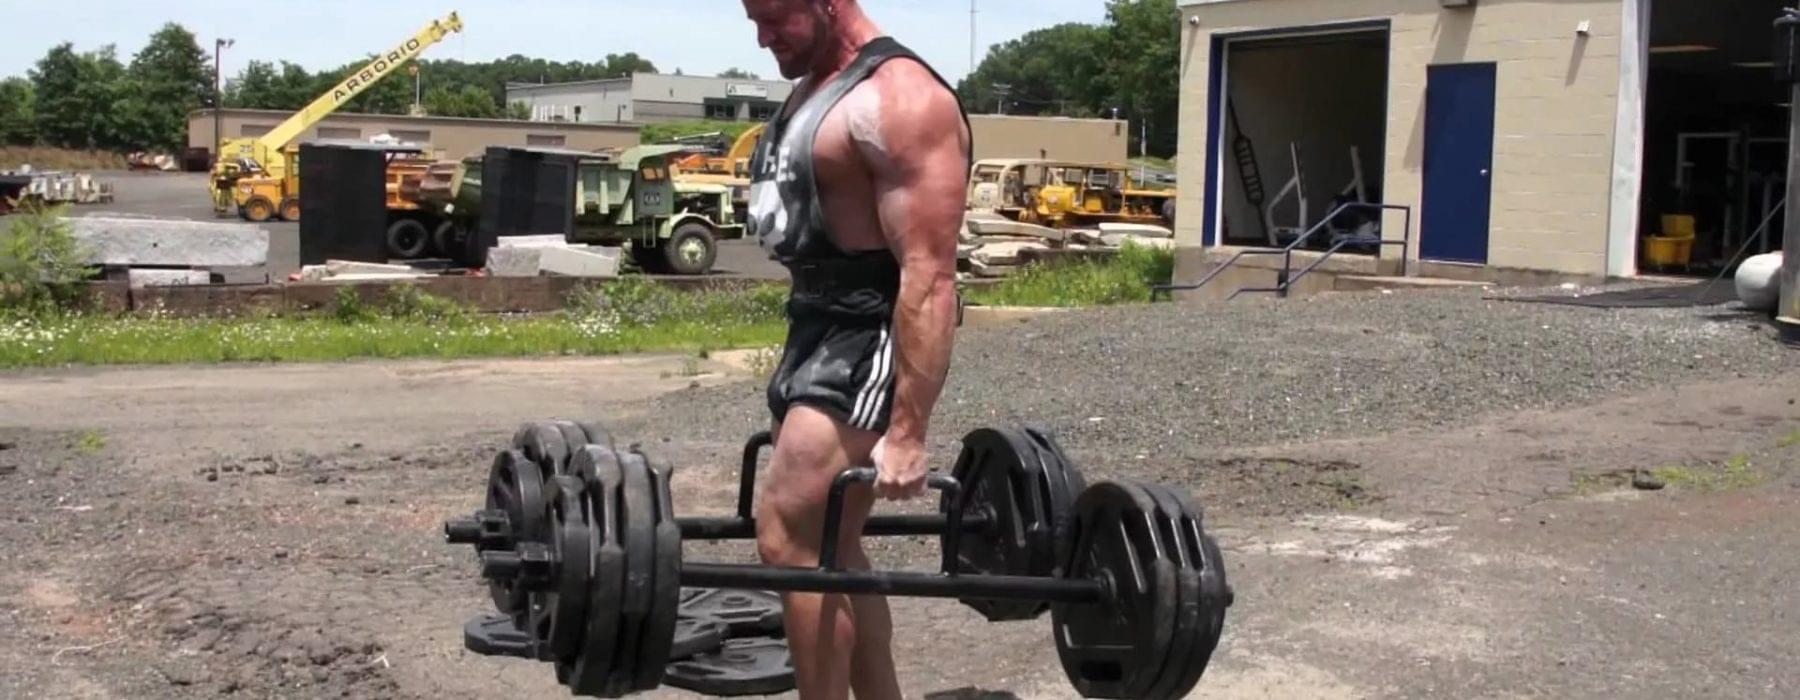 Частота тренировок на силу хвата